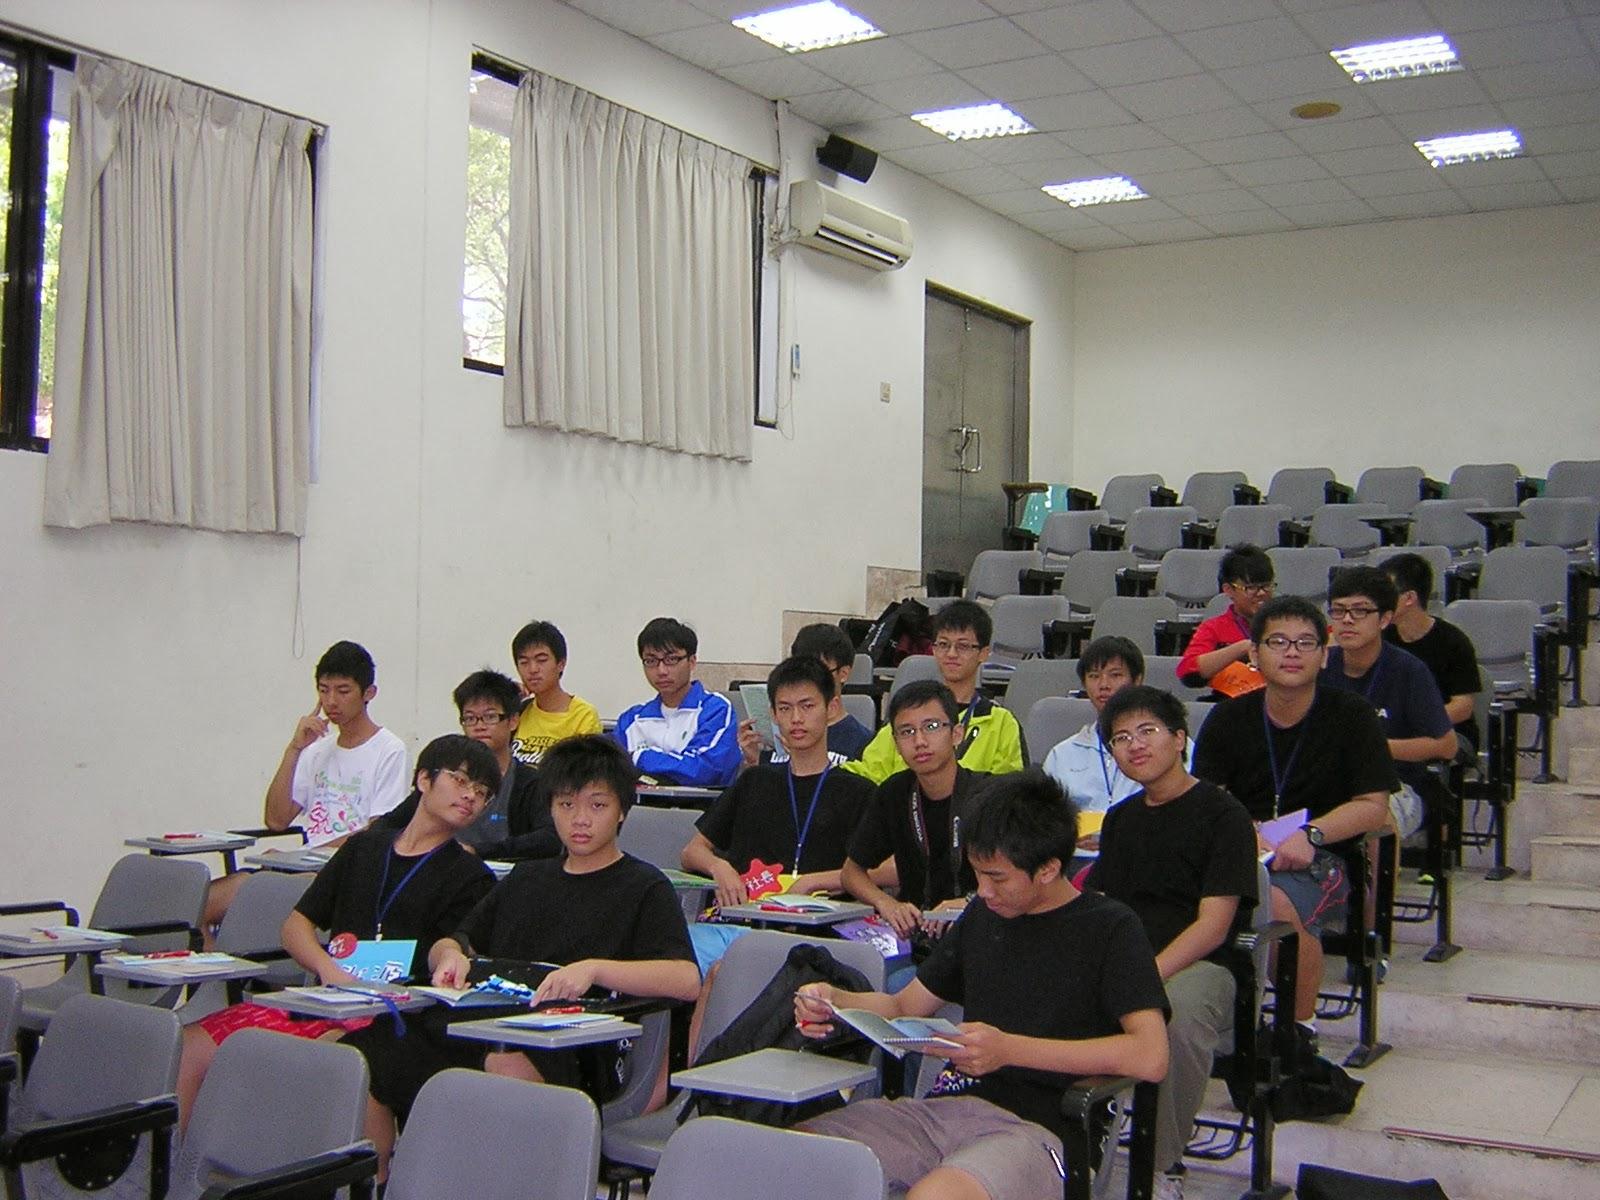 新竹高中軟體研究社: 2013交大之旅及迎新活動